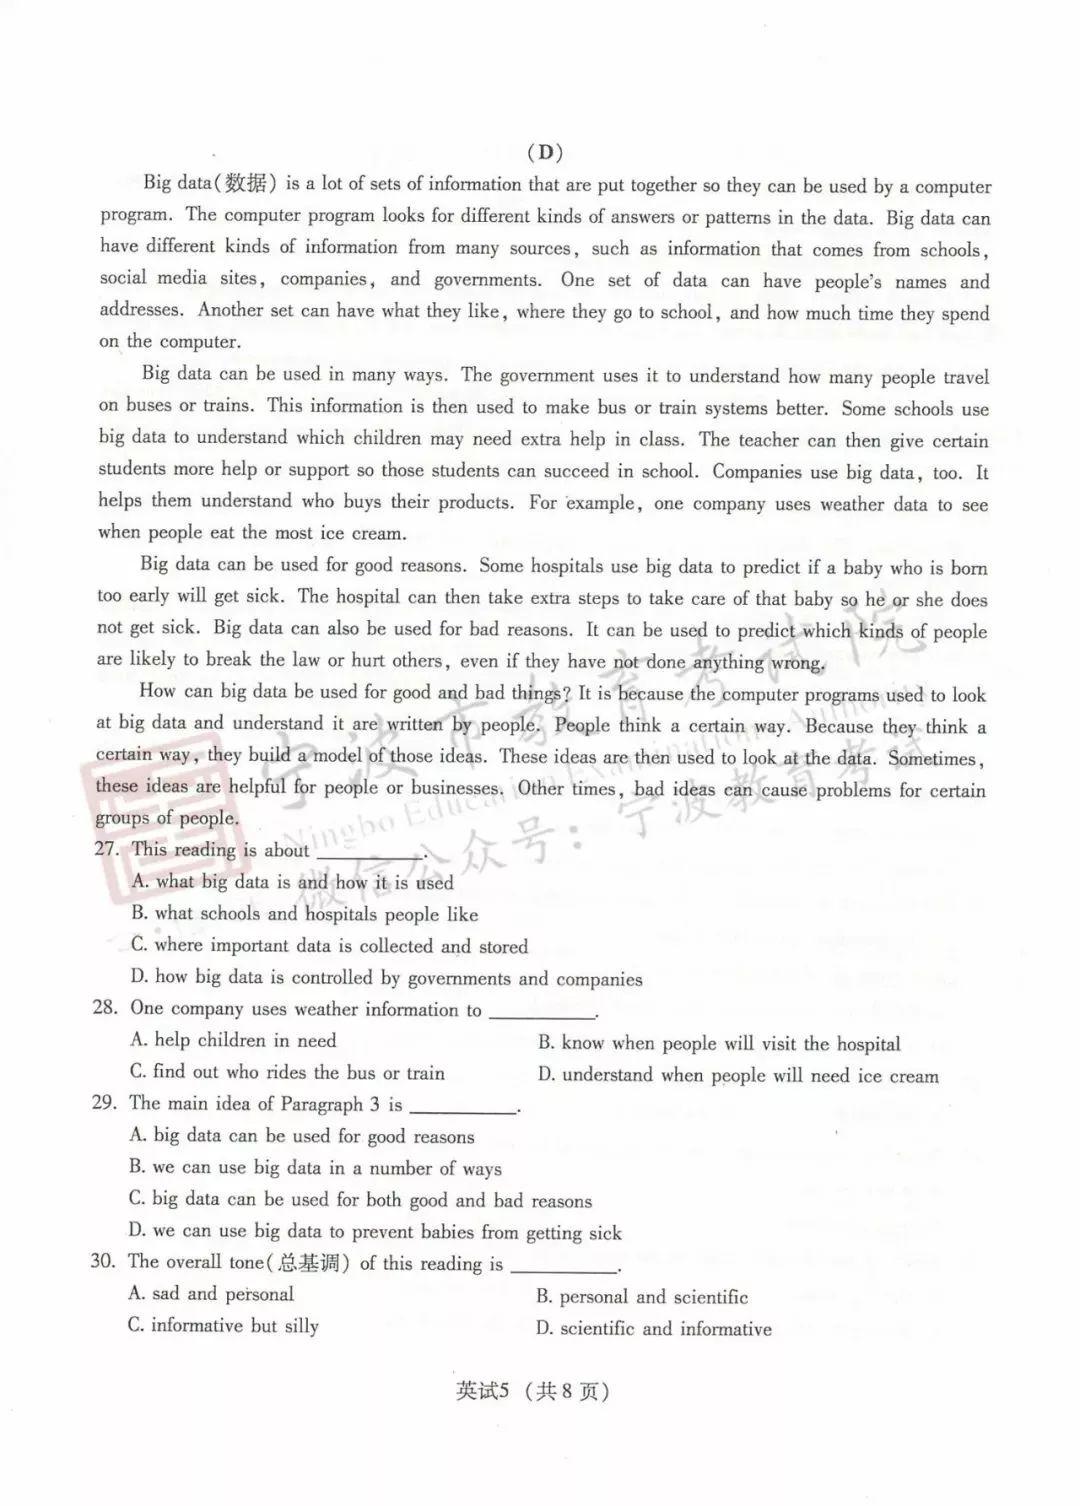 2019年浙江宁波中考《英语》真题及答案已公布